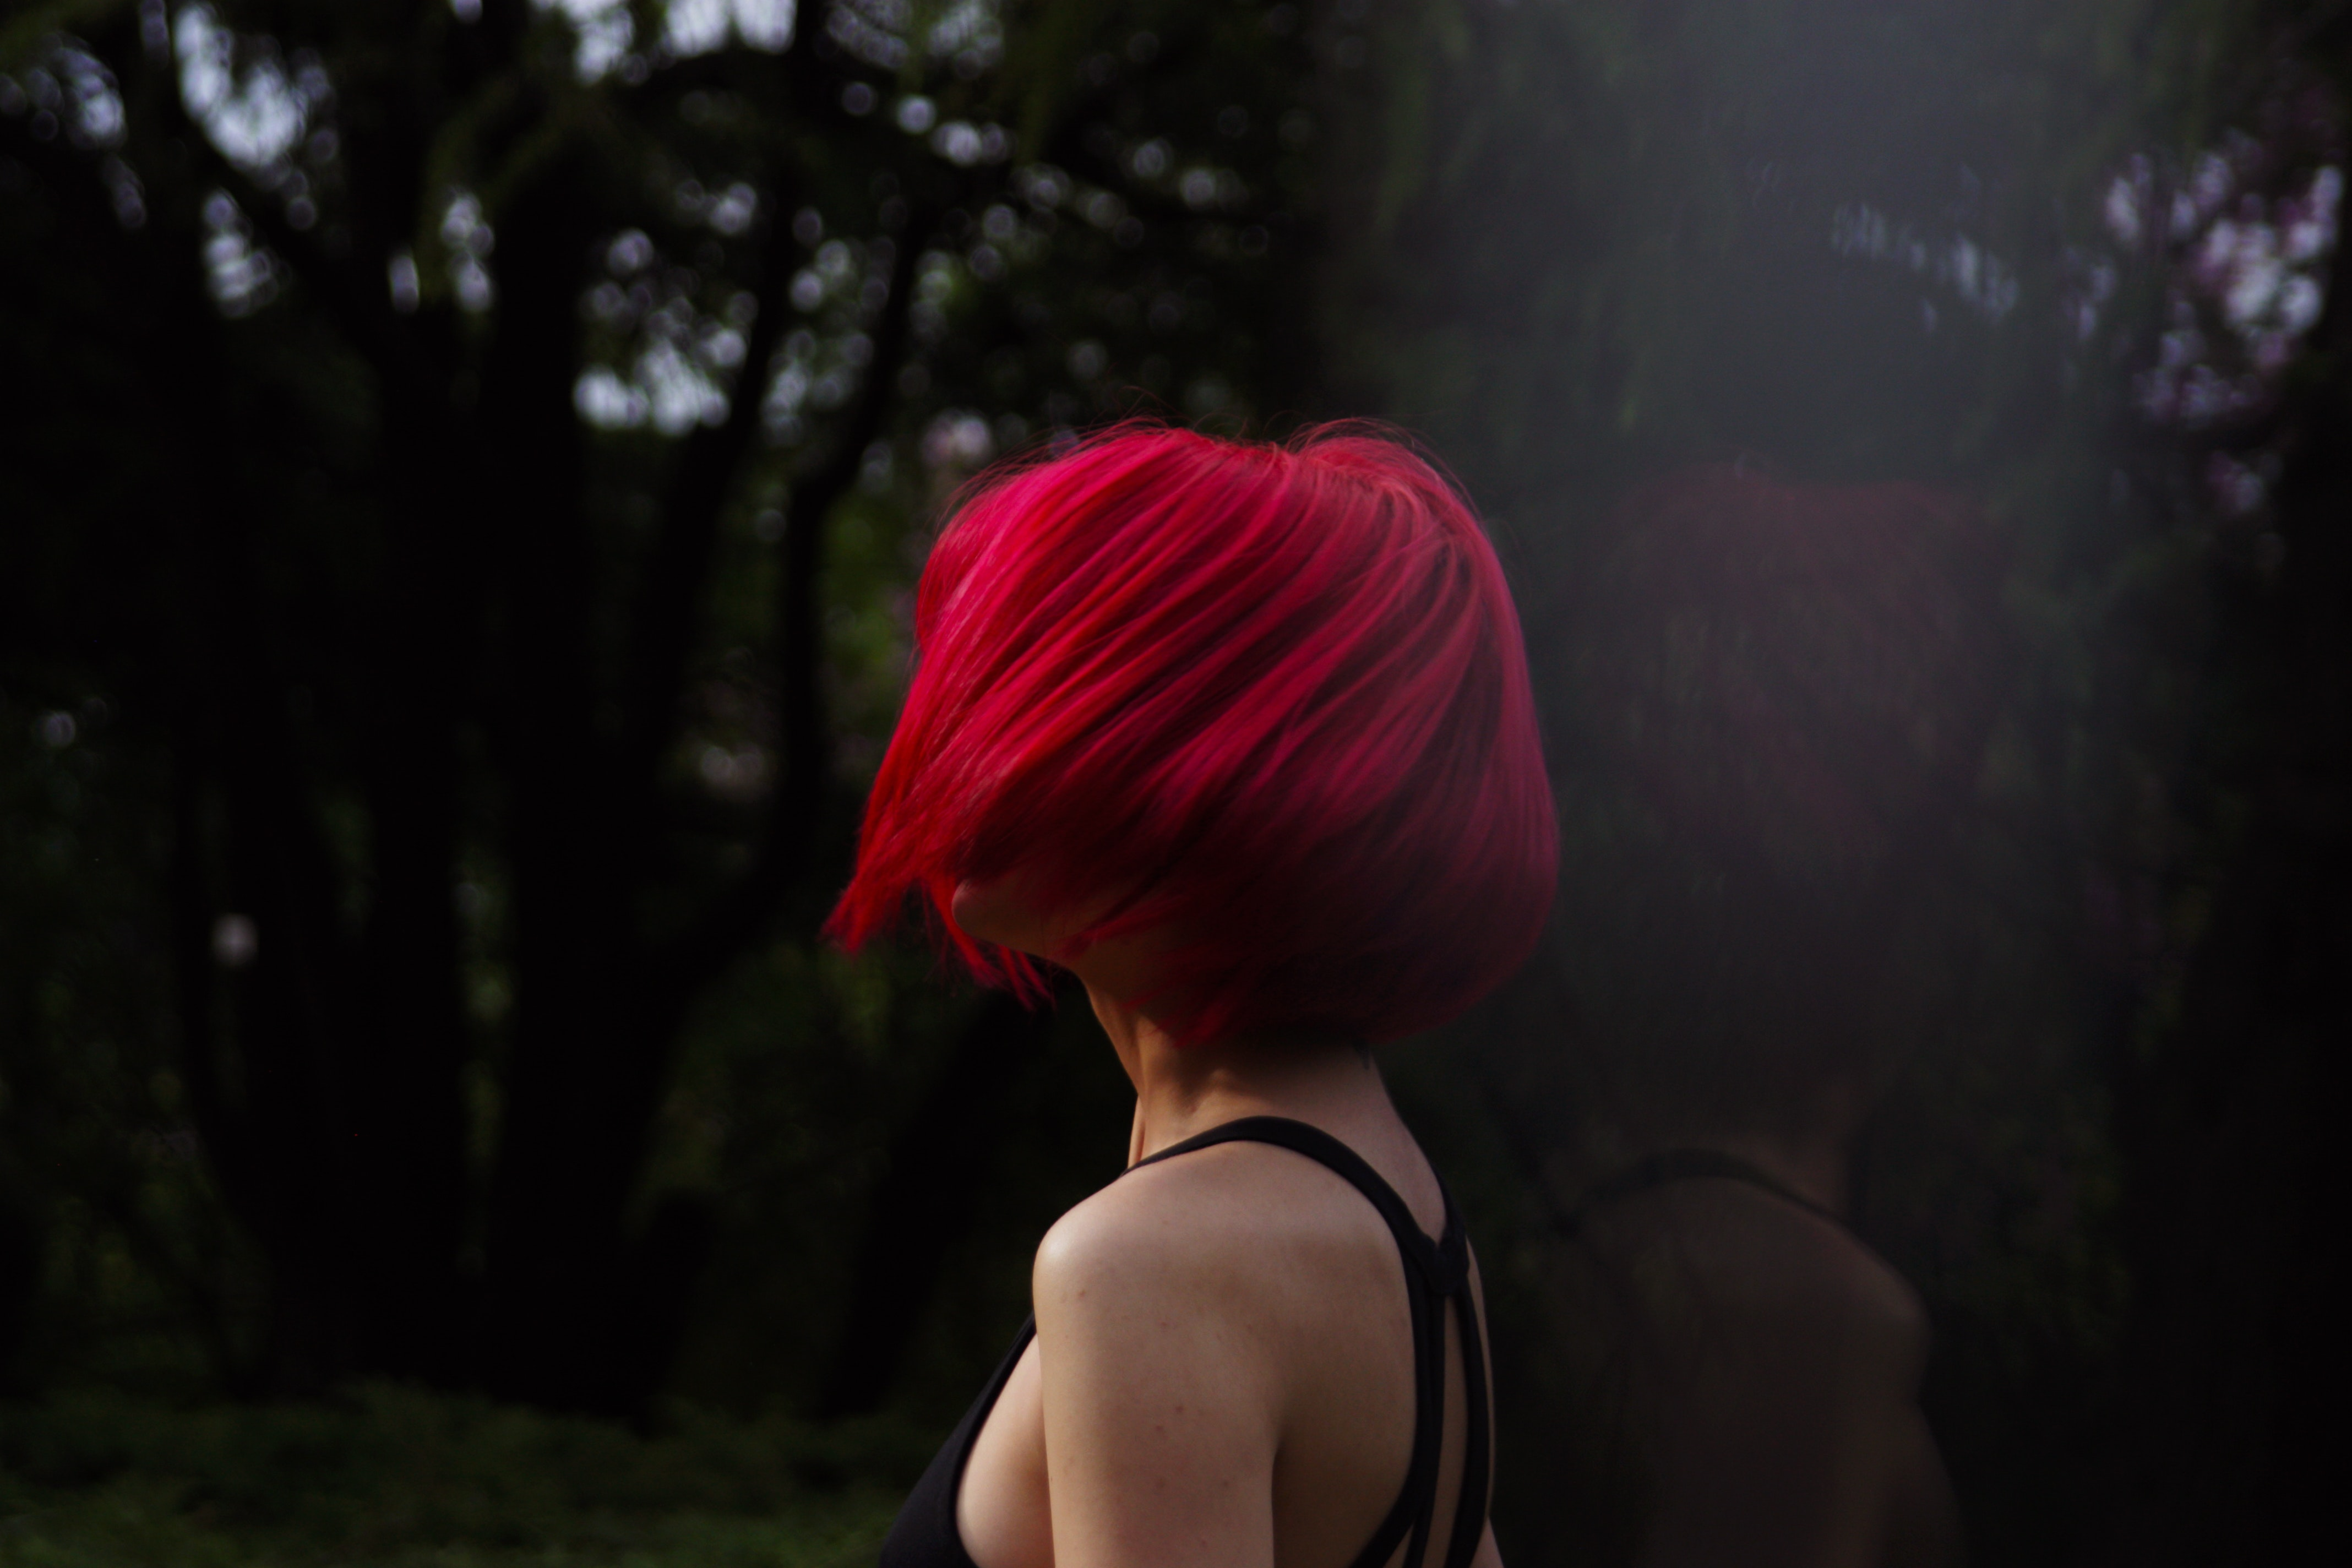 Teintures pour cheveux: encore trop d'ingrédients problématiques, selon 60 Millions de consommateurs